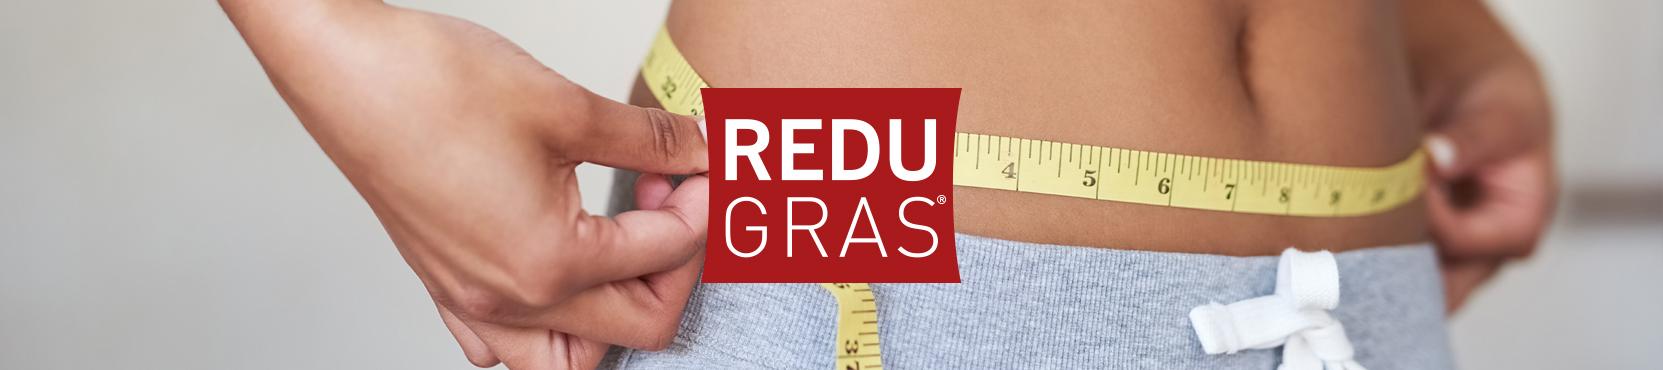 Slider Redugras medidas abdomen